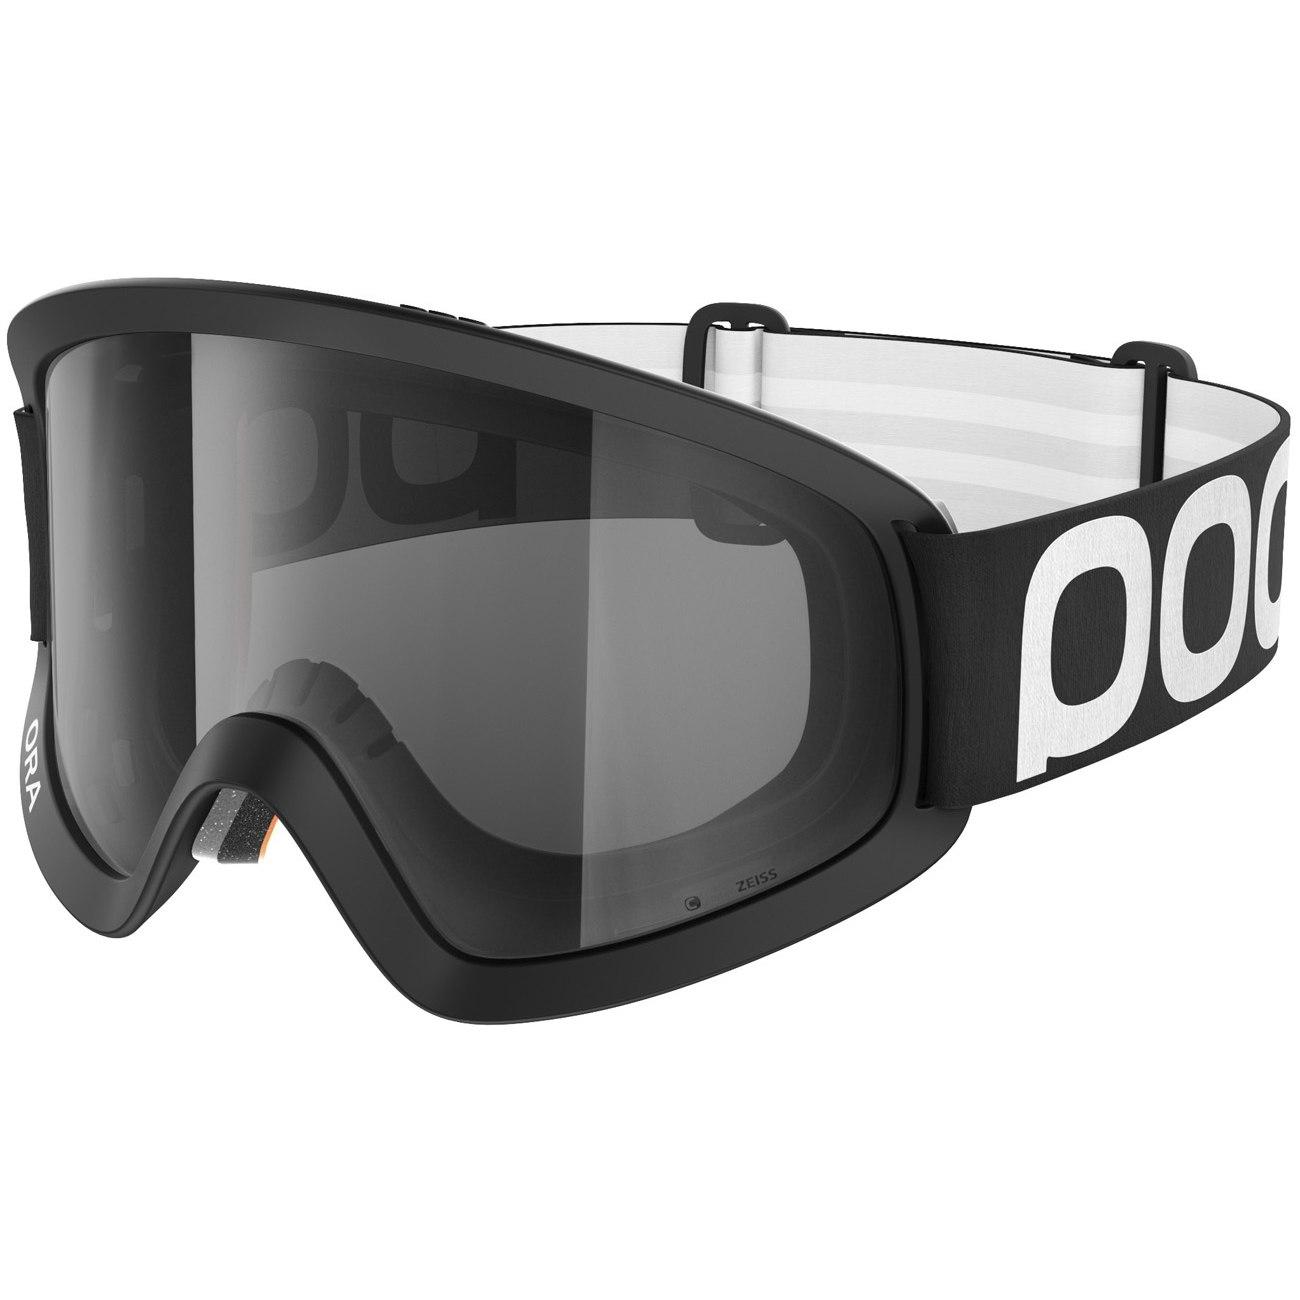 POC Ora Goggle - Uranium Black/Grey